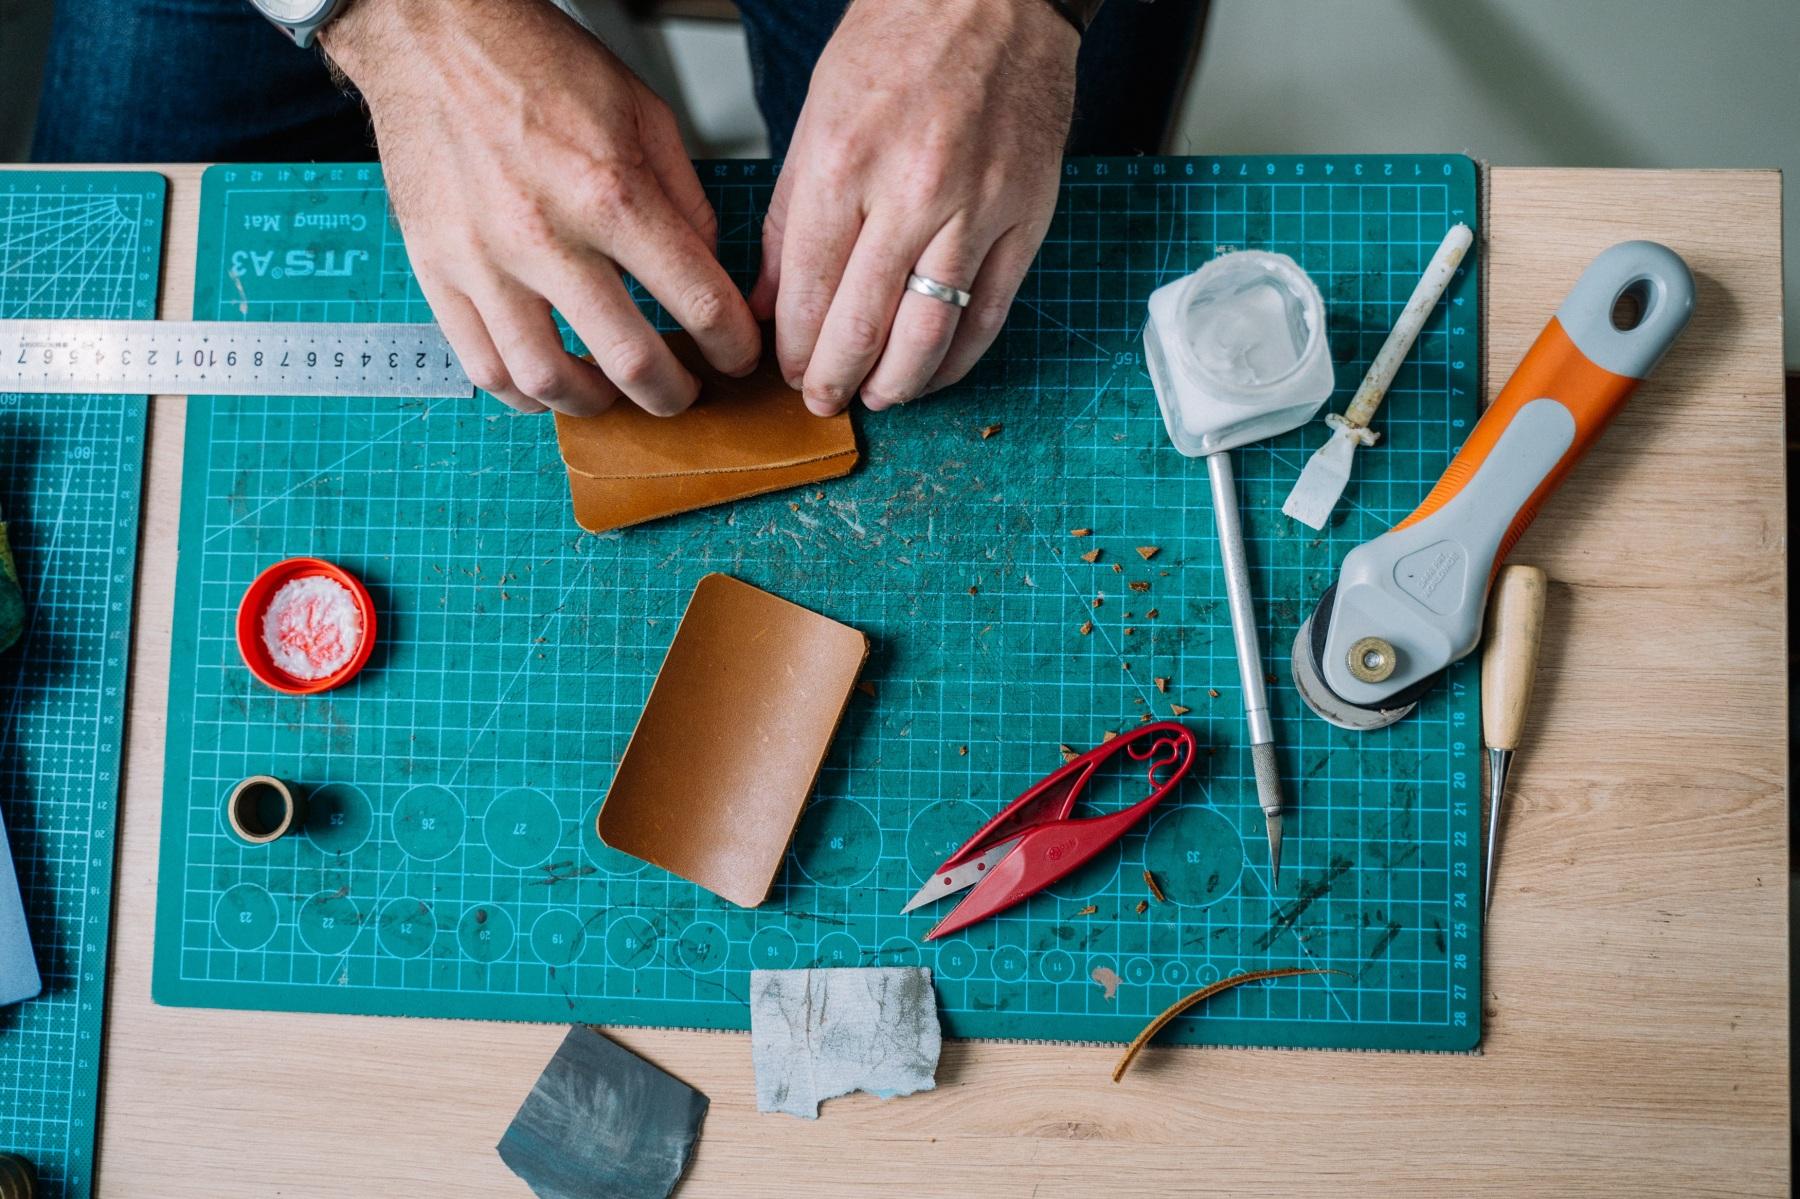 【台北皮革DIY推薦】體驗手作革物的樂趣,精選6間台北皮件製作課程工作室